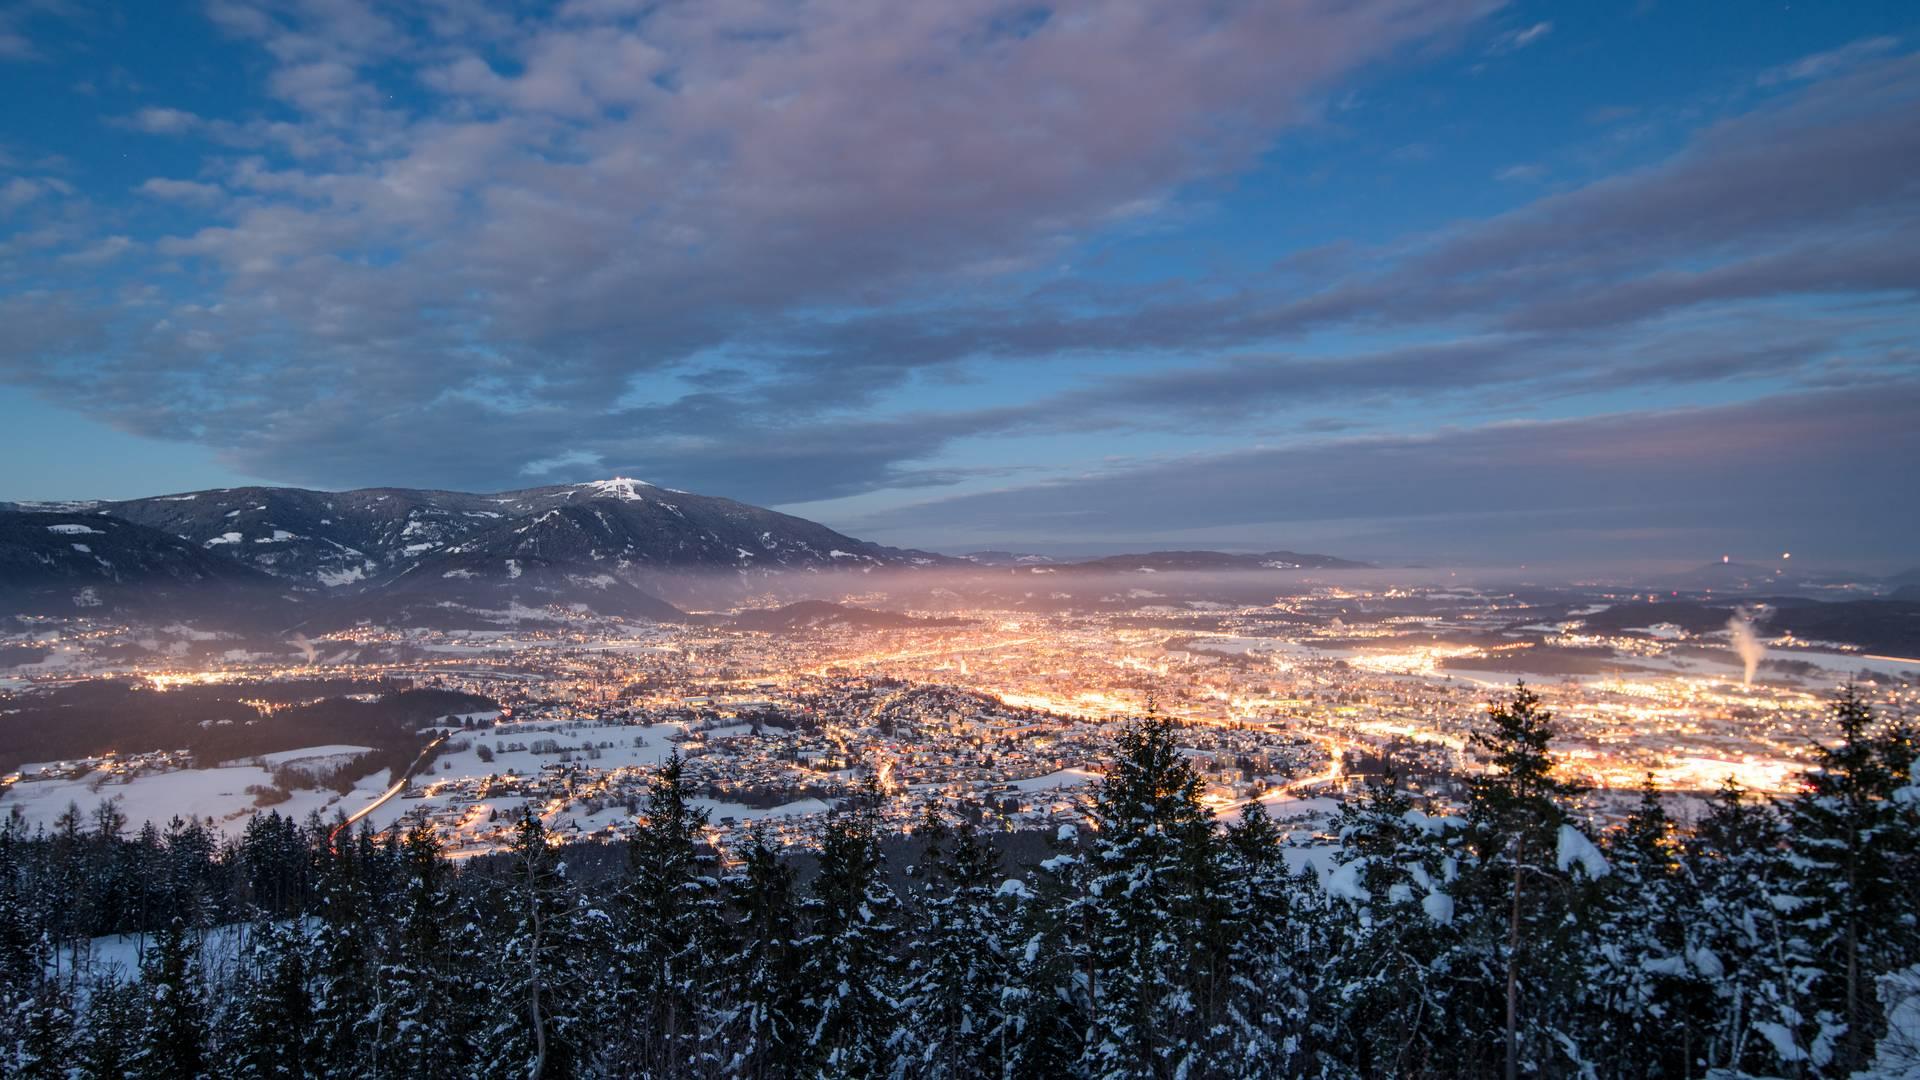 Region Villach Winter Villach Winter Nacht MichaelStabentheiner